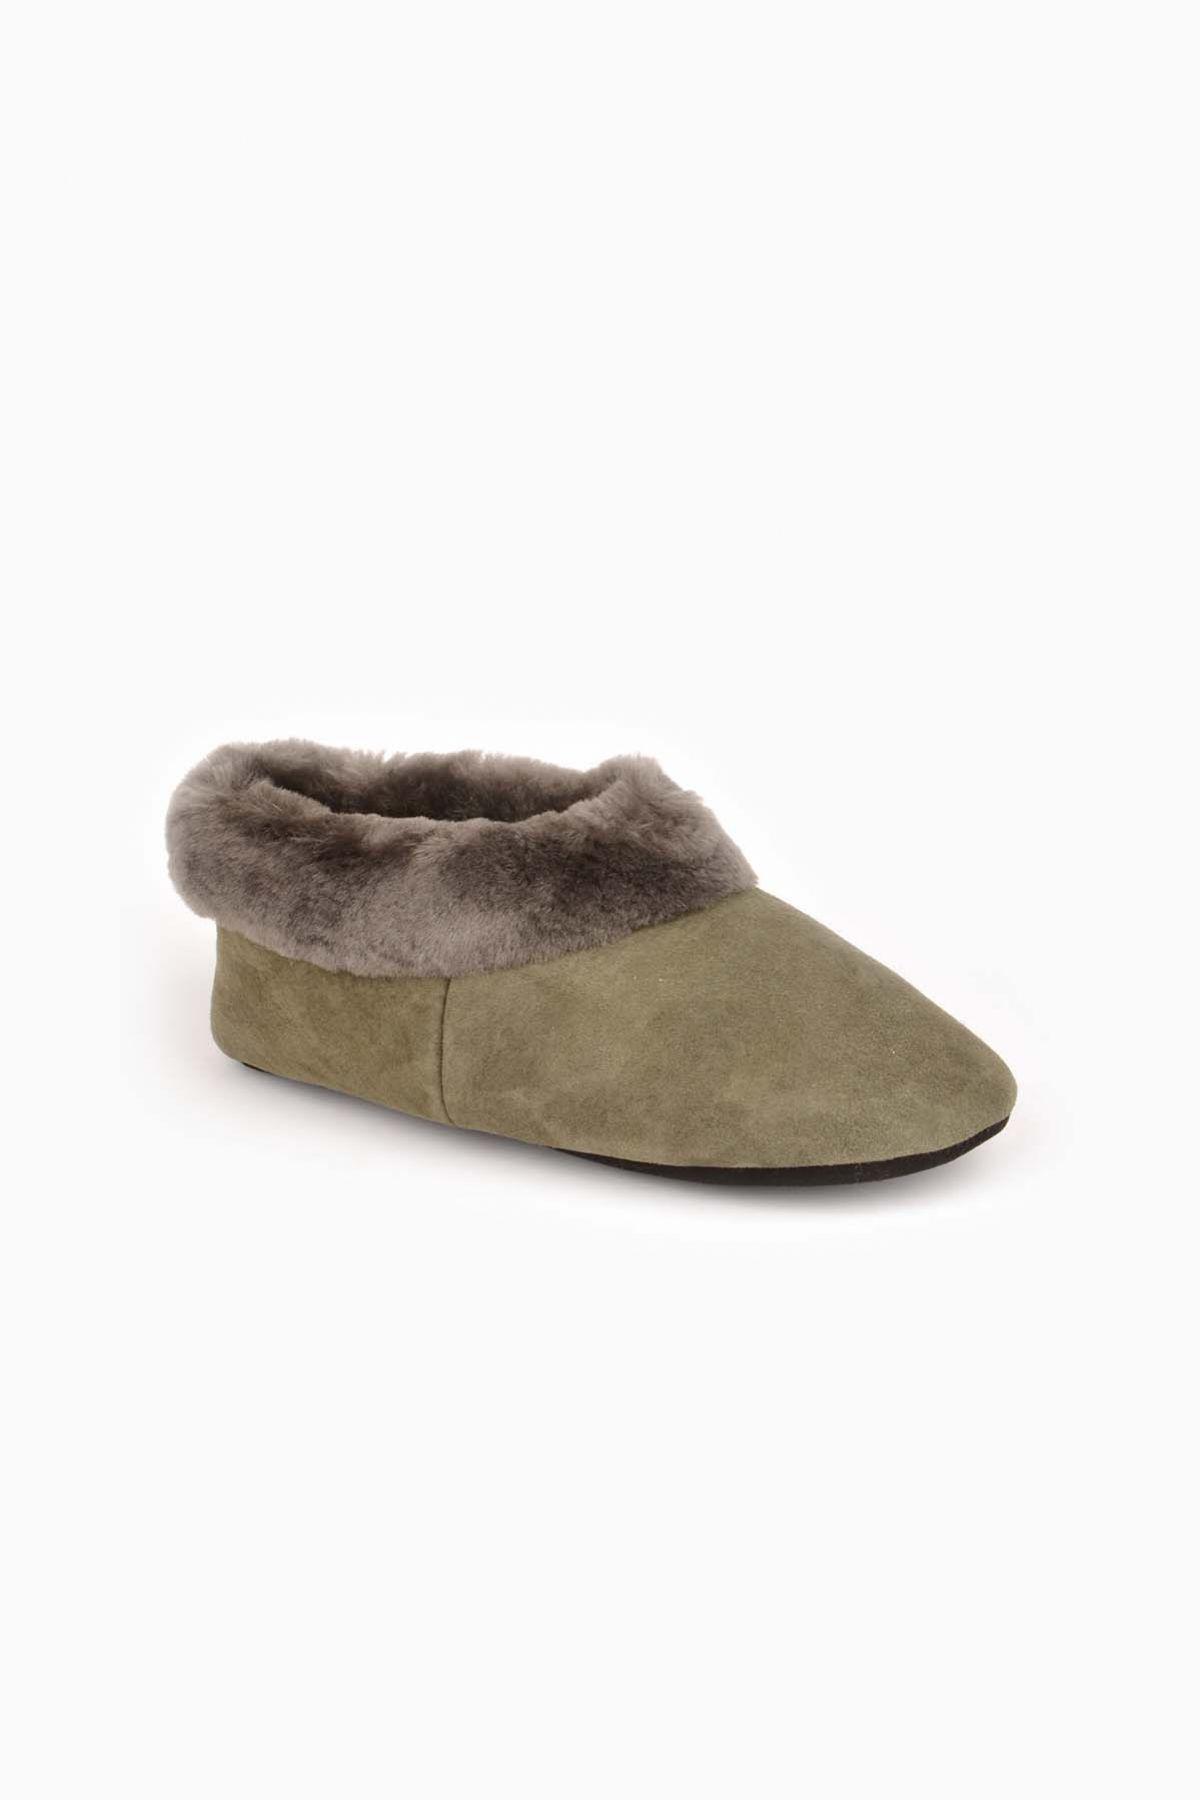 Pegia Hakiki Kürk Bayan Ev Ayakkabısı 990309 Haki